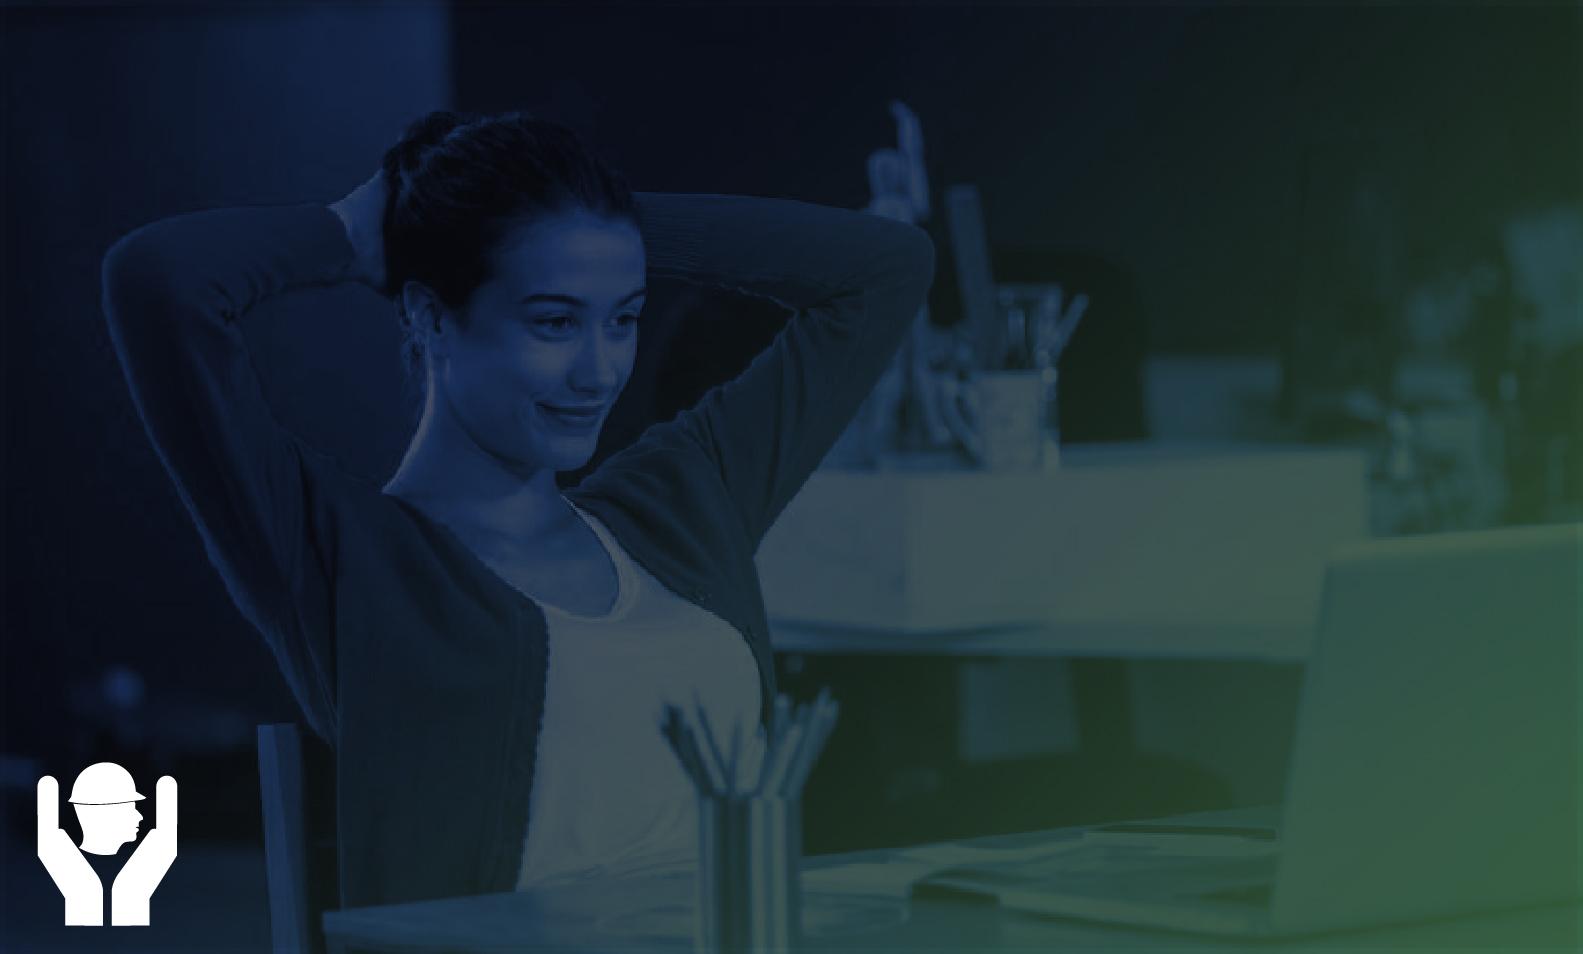 ergonomia na segurança do trabalho - 7 principais riscos no ambiente de trabalho-01